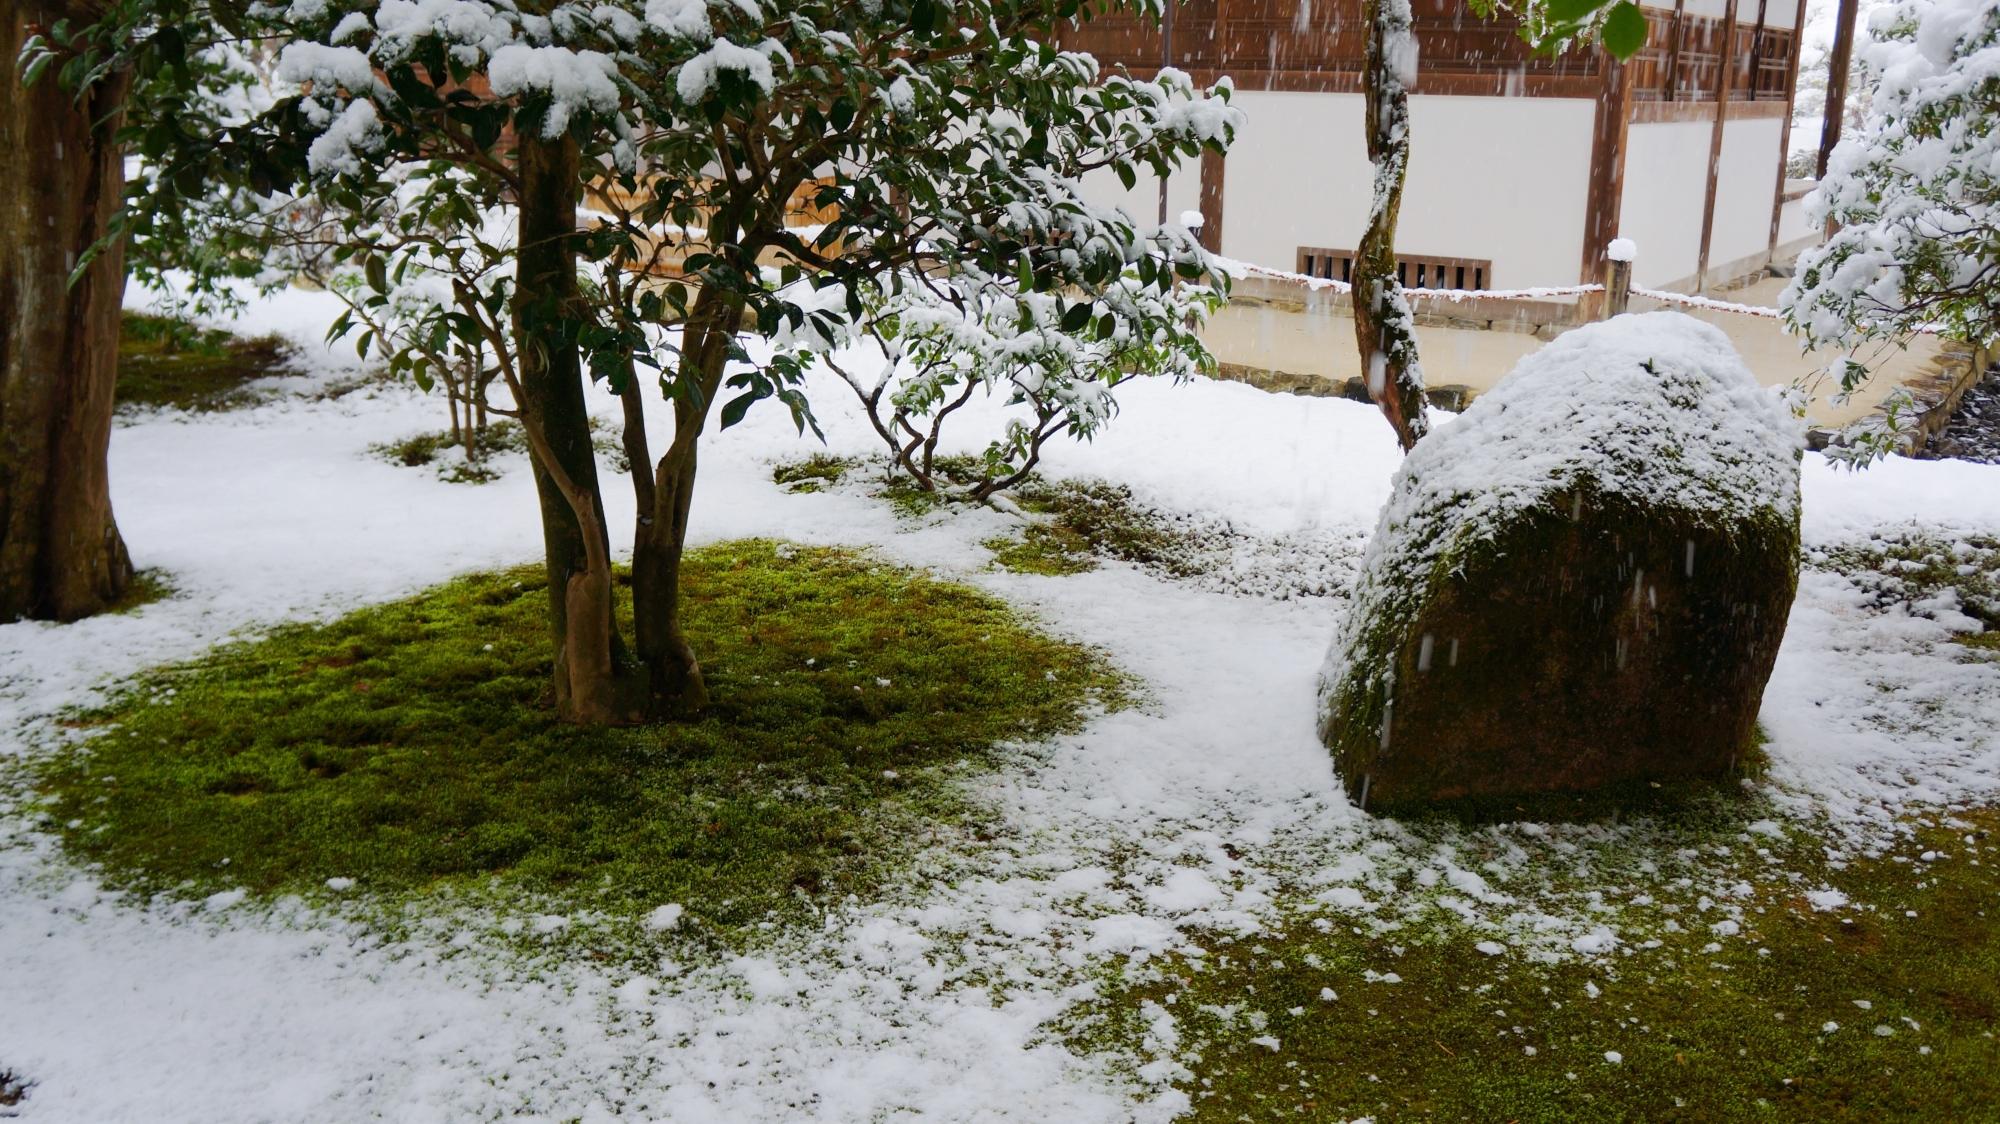 銀閣寺の雪の白と苔の緑の綺麗なコントラスト